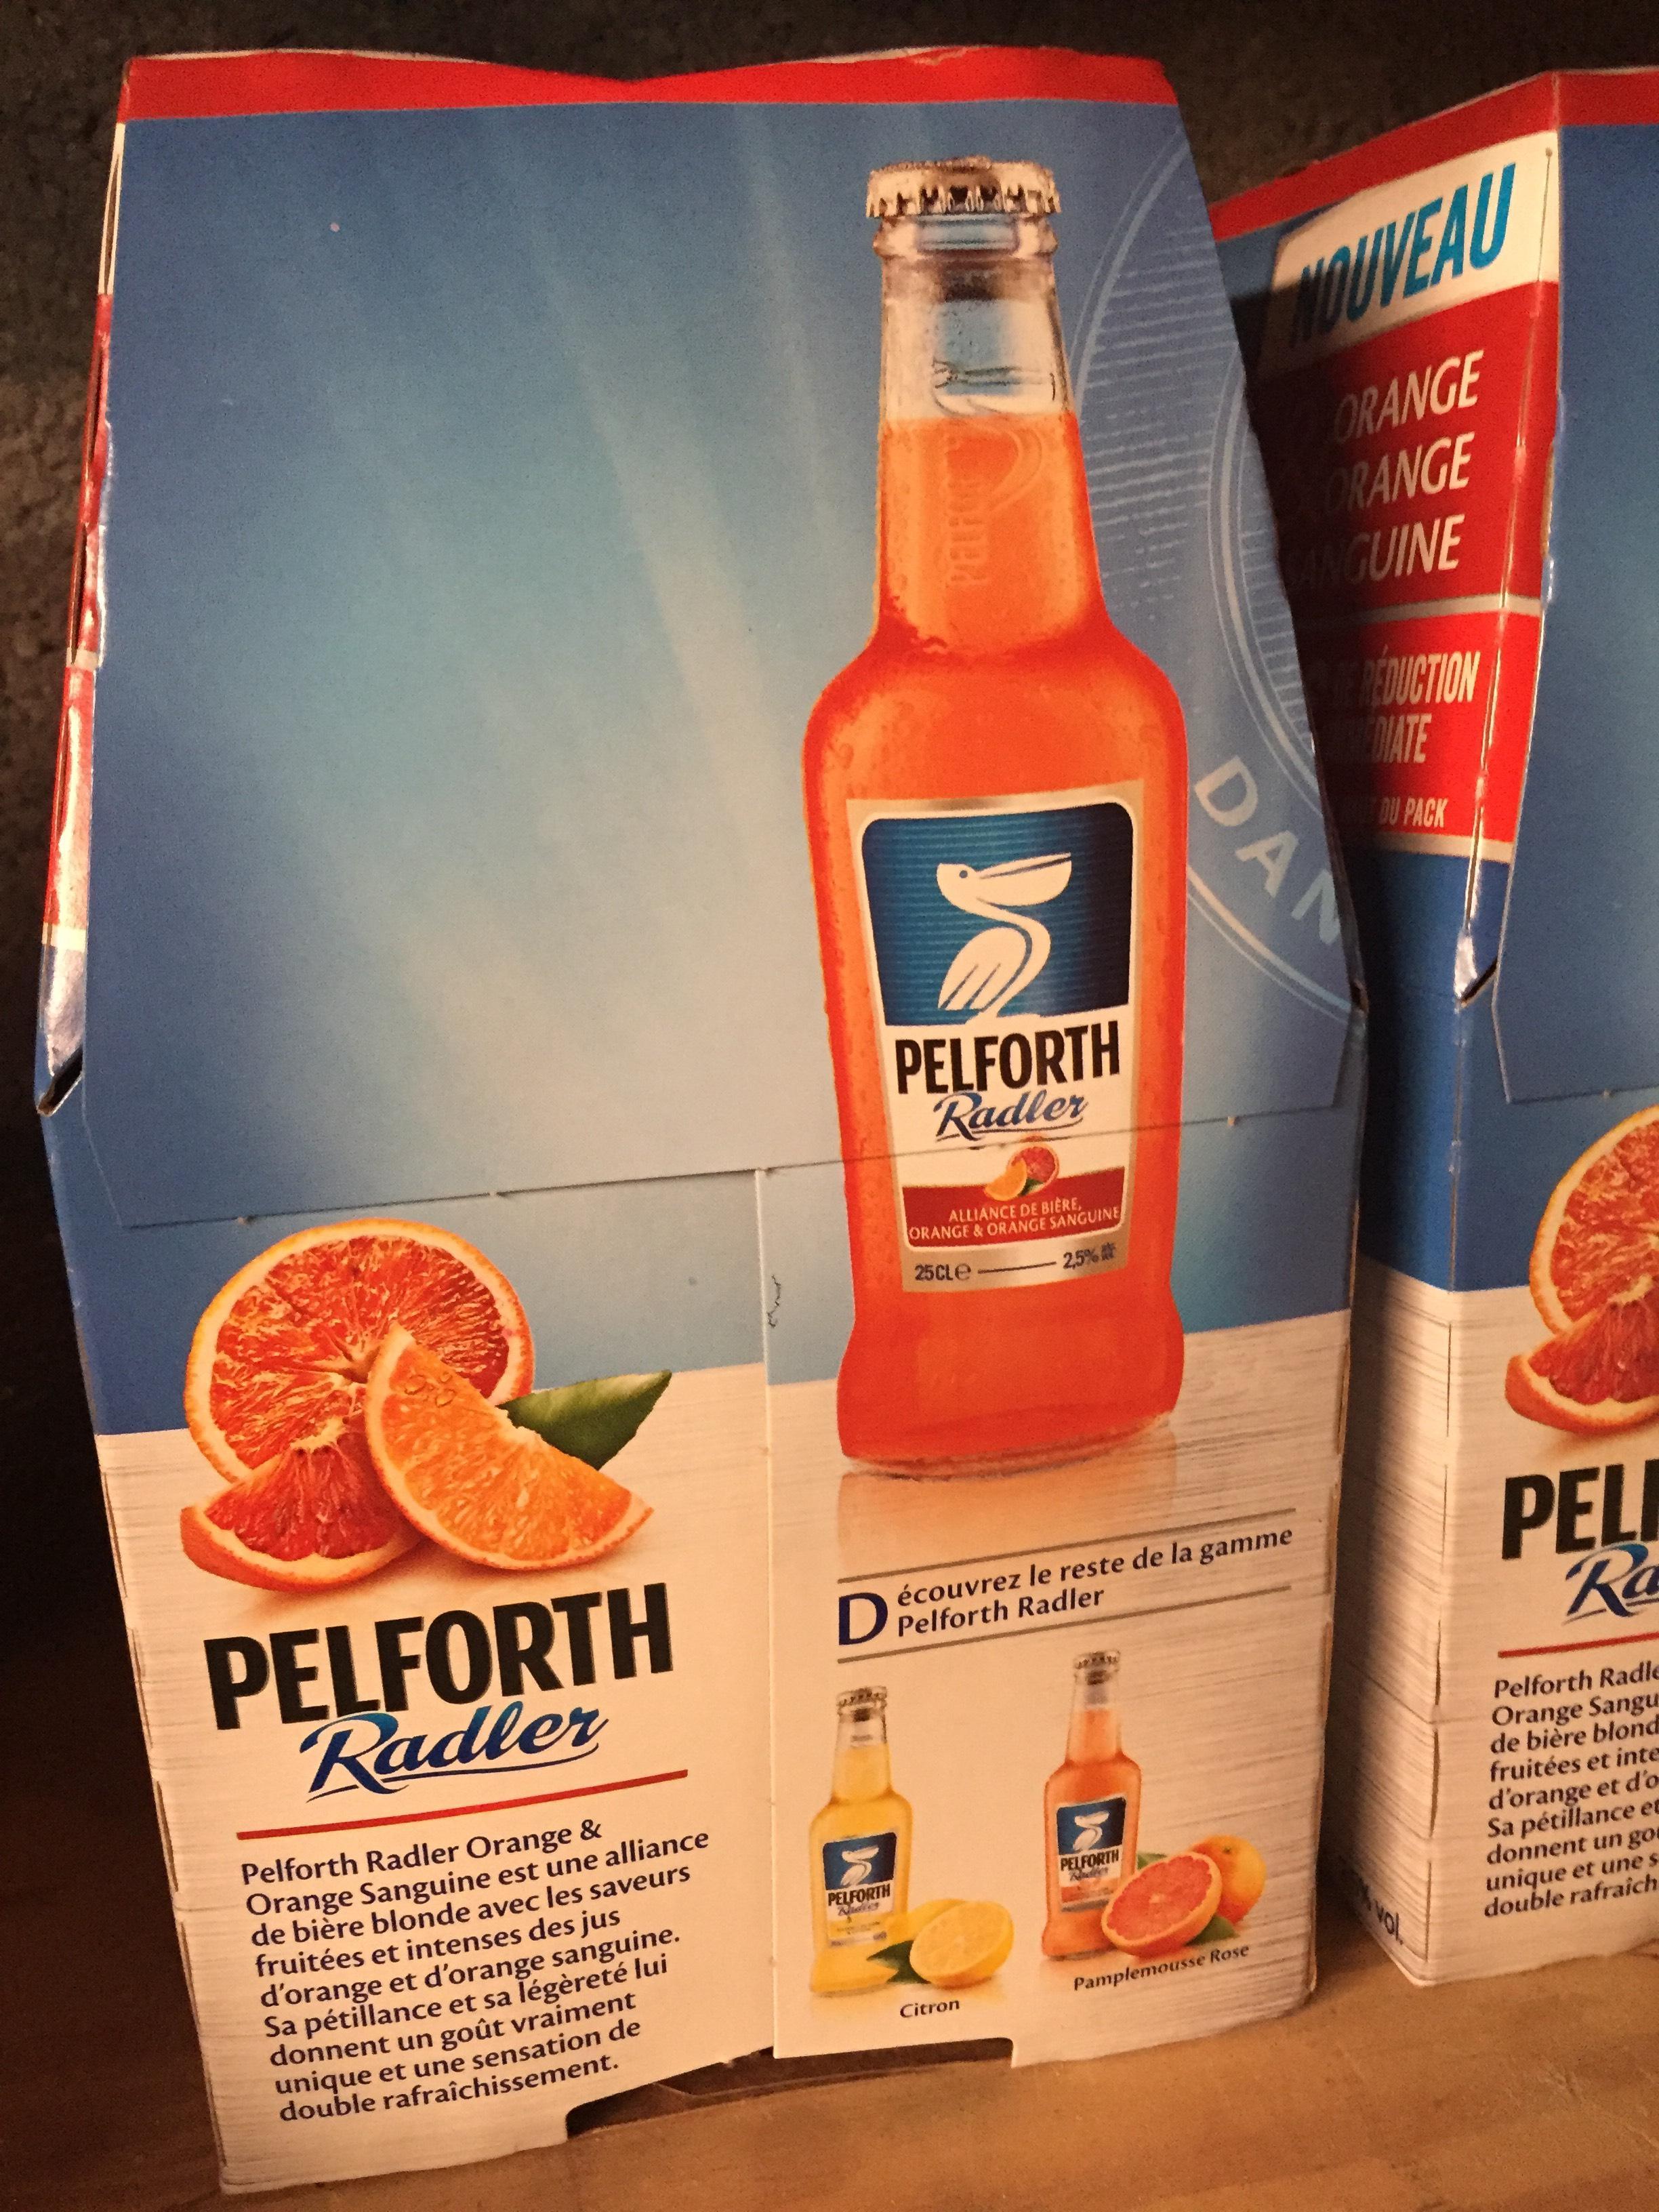 Lot de 2 pack de 6 bières Pelforth Radler Orange & Orange Sanguine - 25 cl (via BDR)